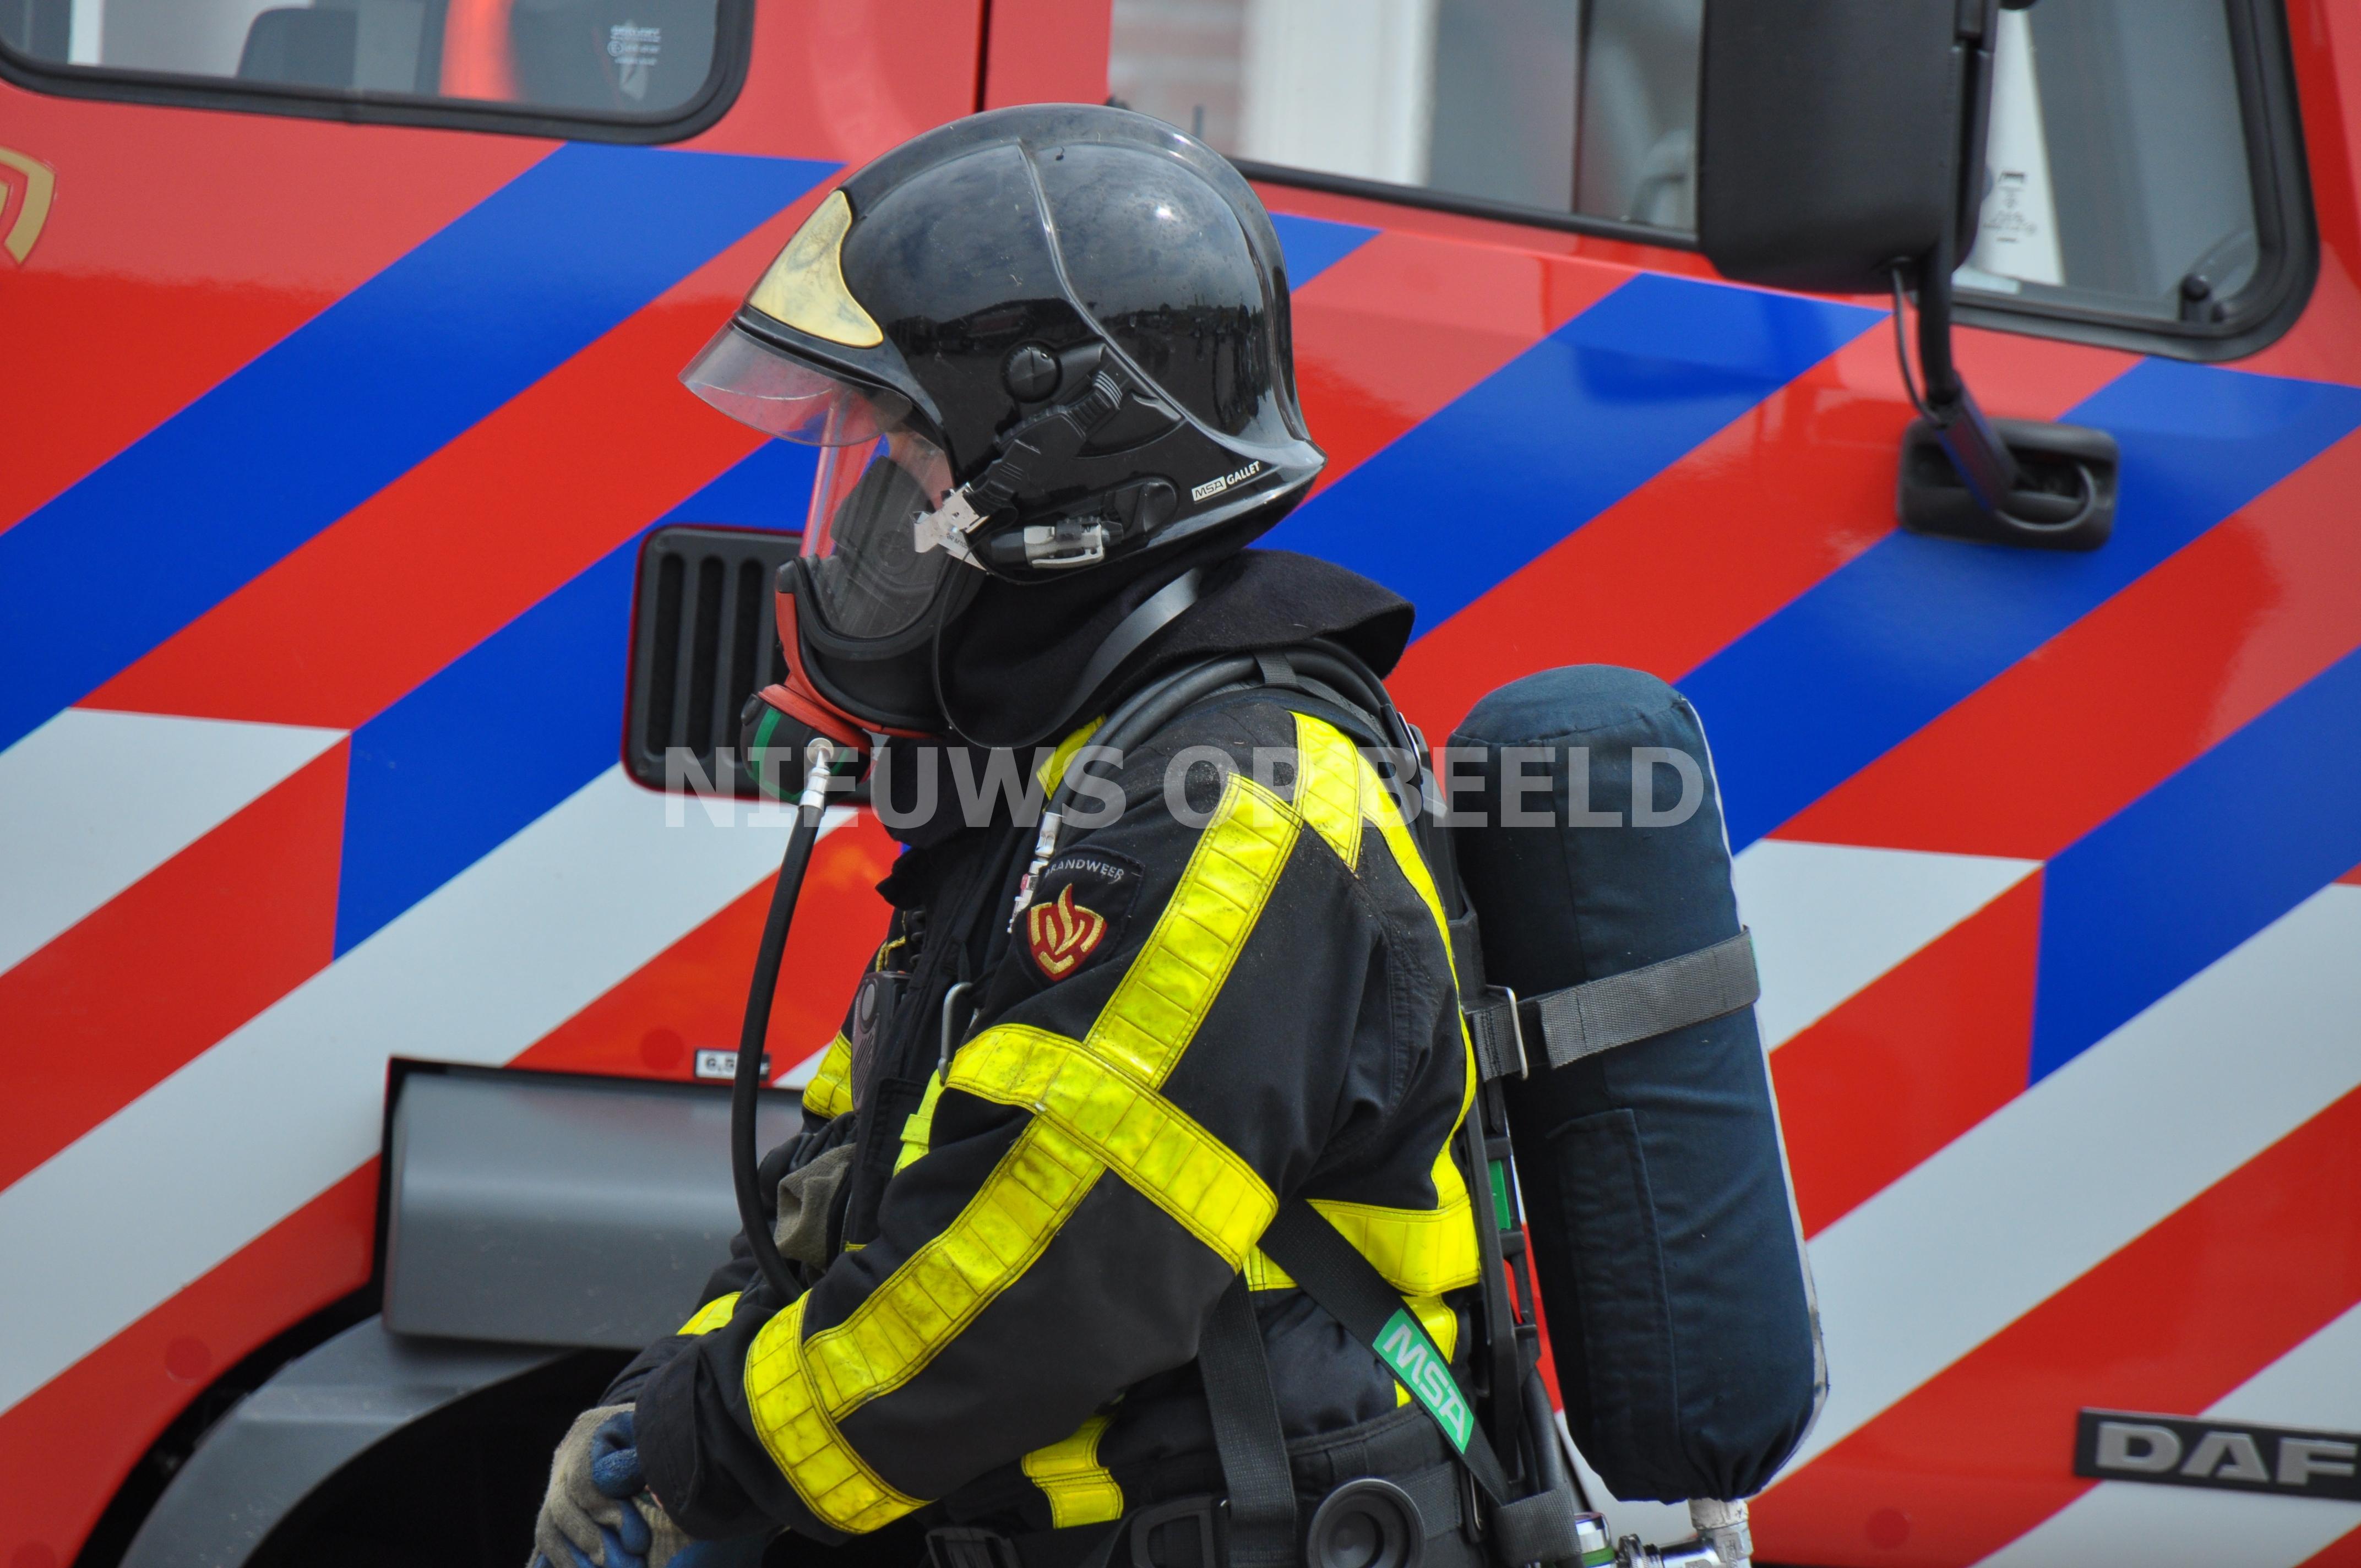 Brandweerman gewond bij brand in tapijtwinkel Mijlweg Dordrecht